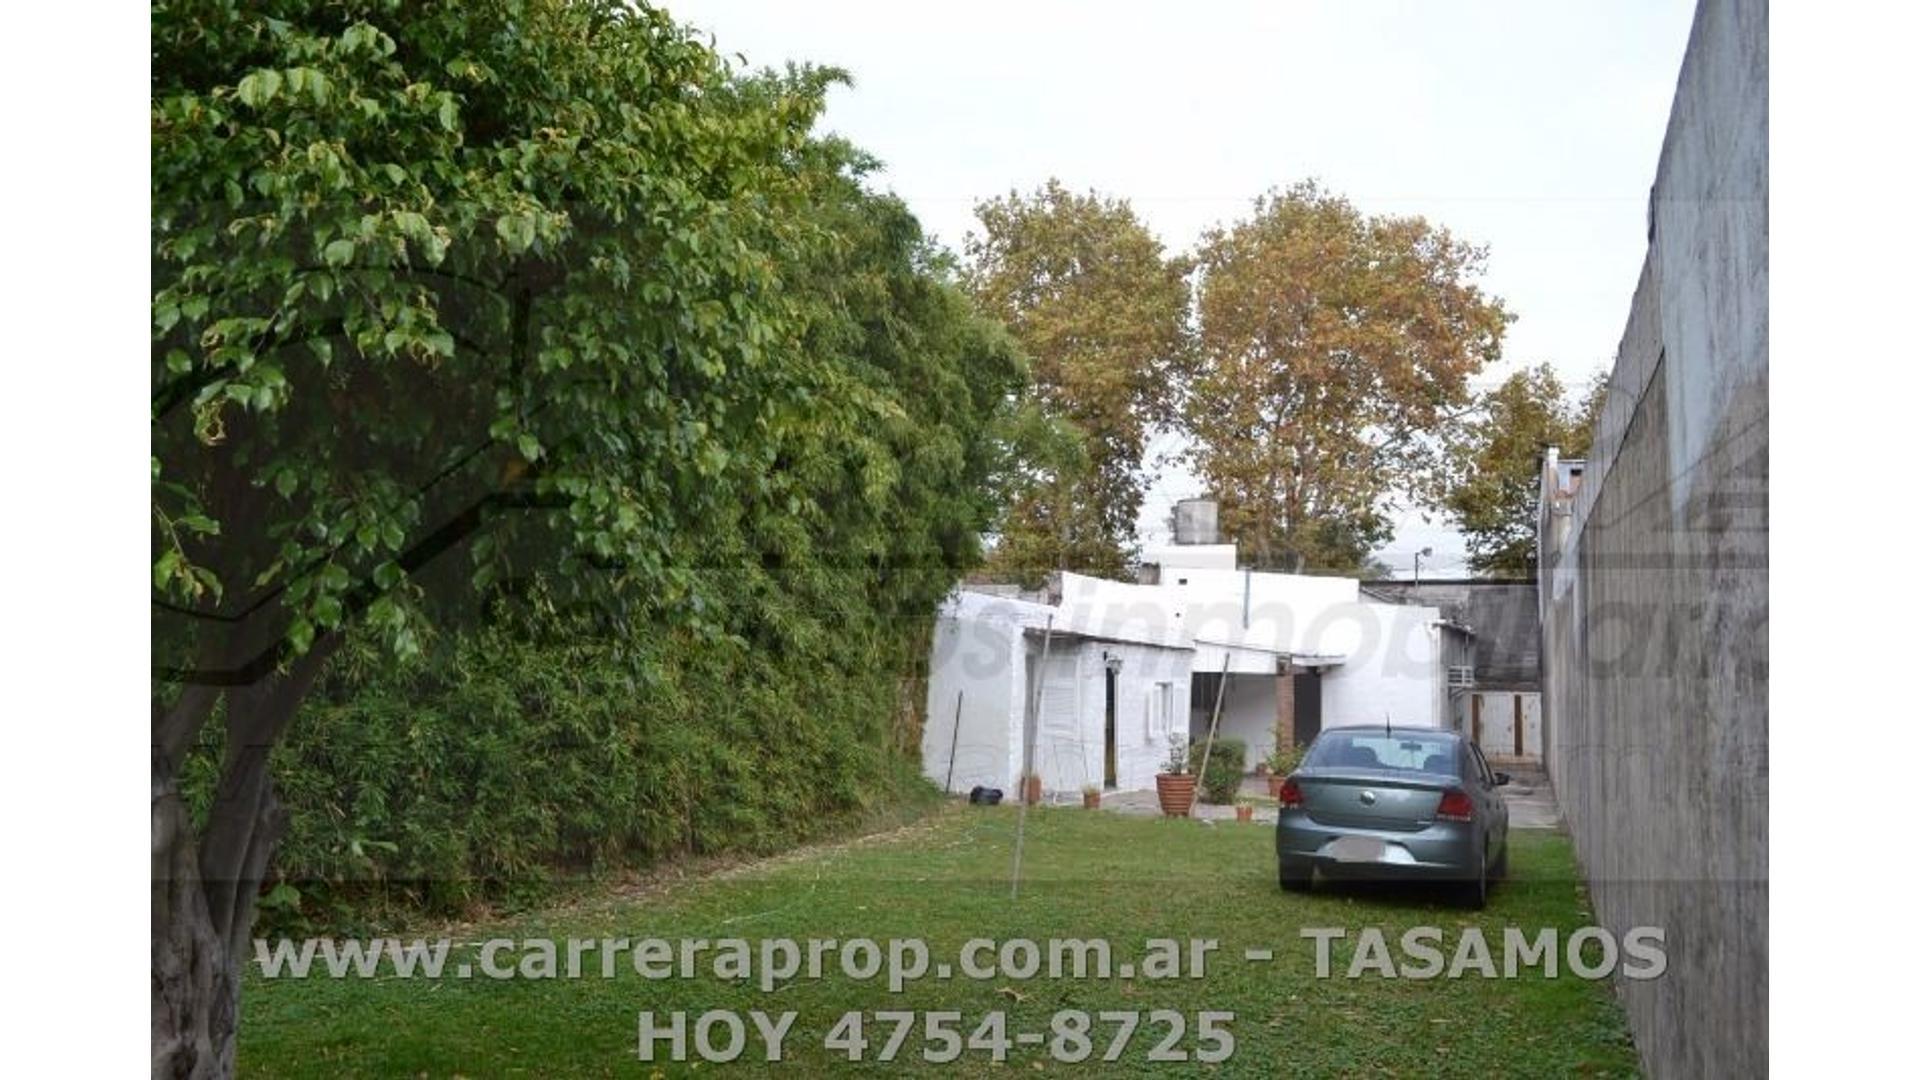 Casa 3 amb FONDO LIBRE en V.Maipu www.carreraprop.com.ar - tasamos HOY